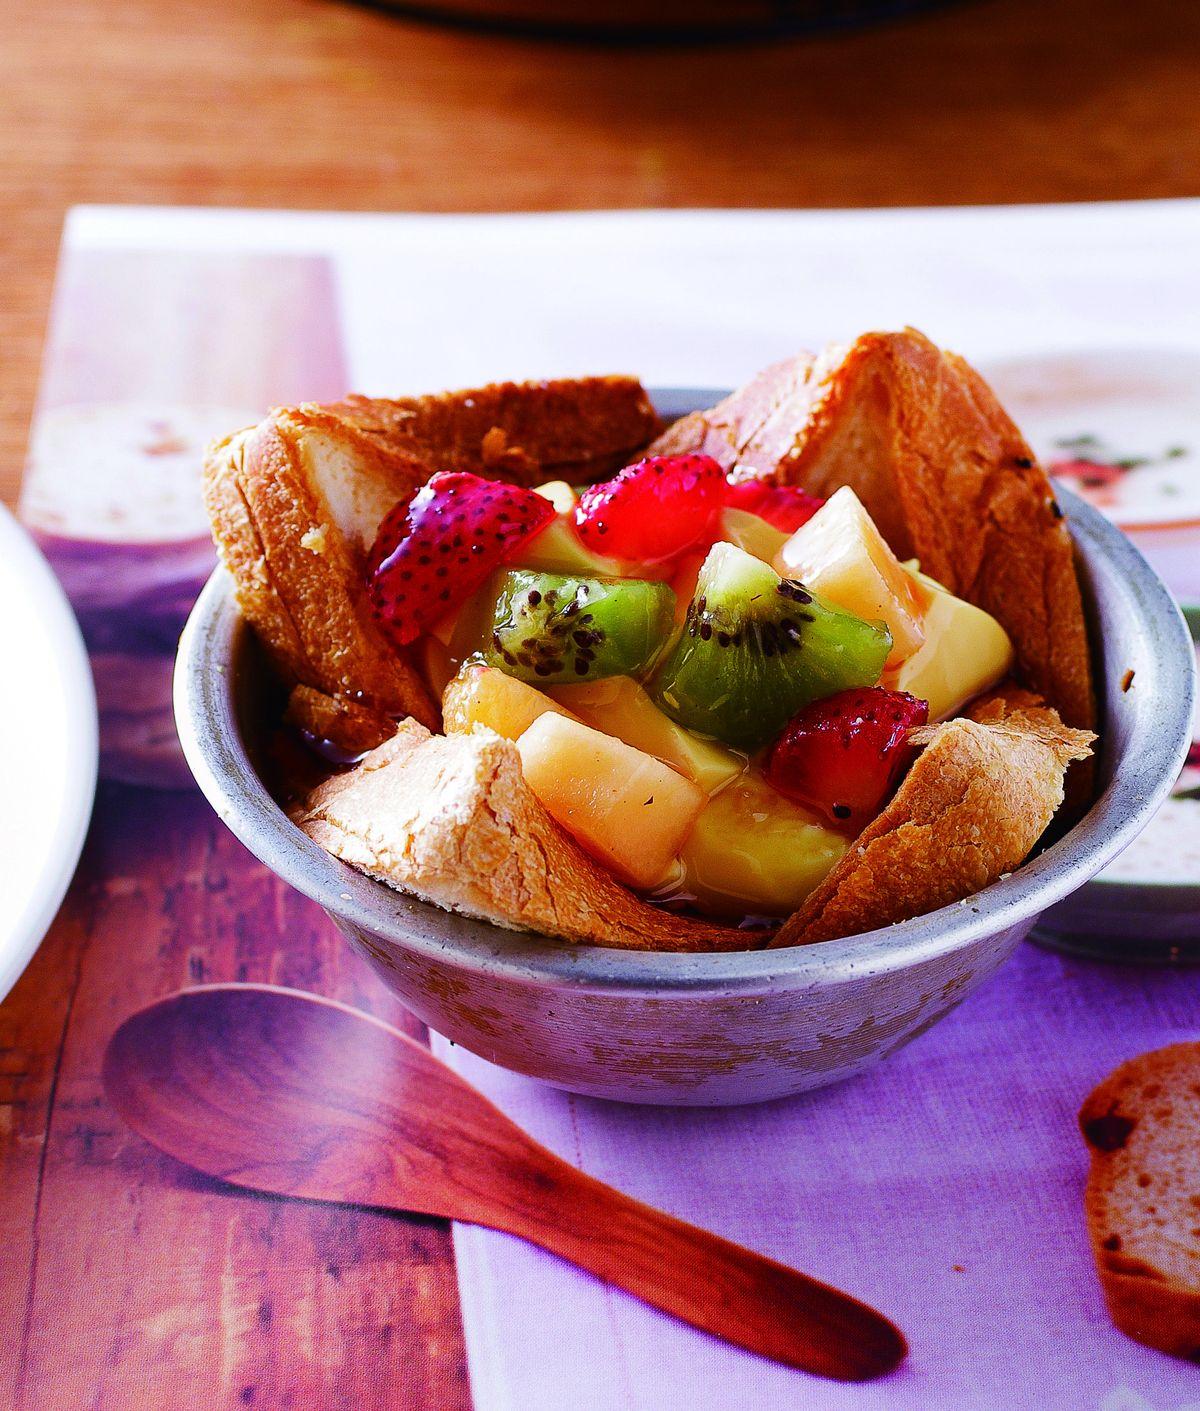 食譜:焦糖布丁土司塔